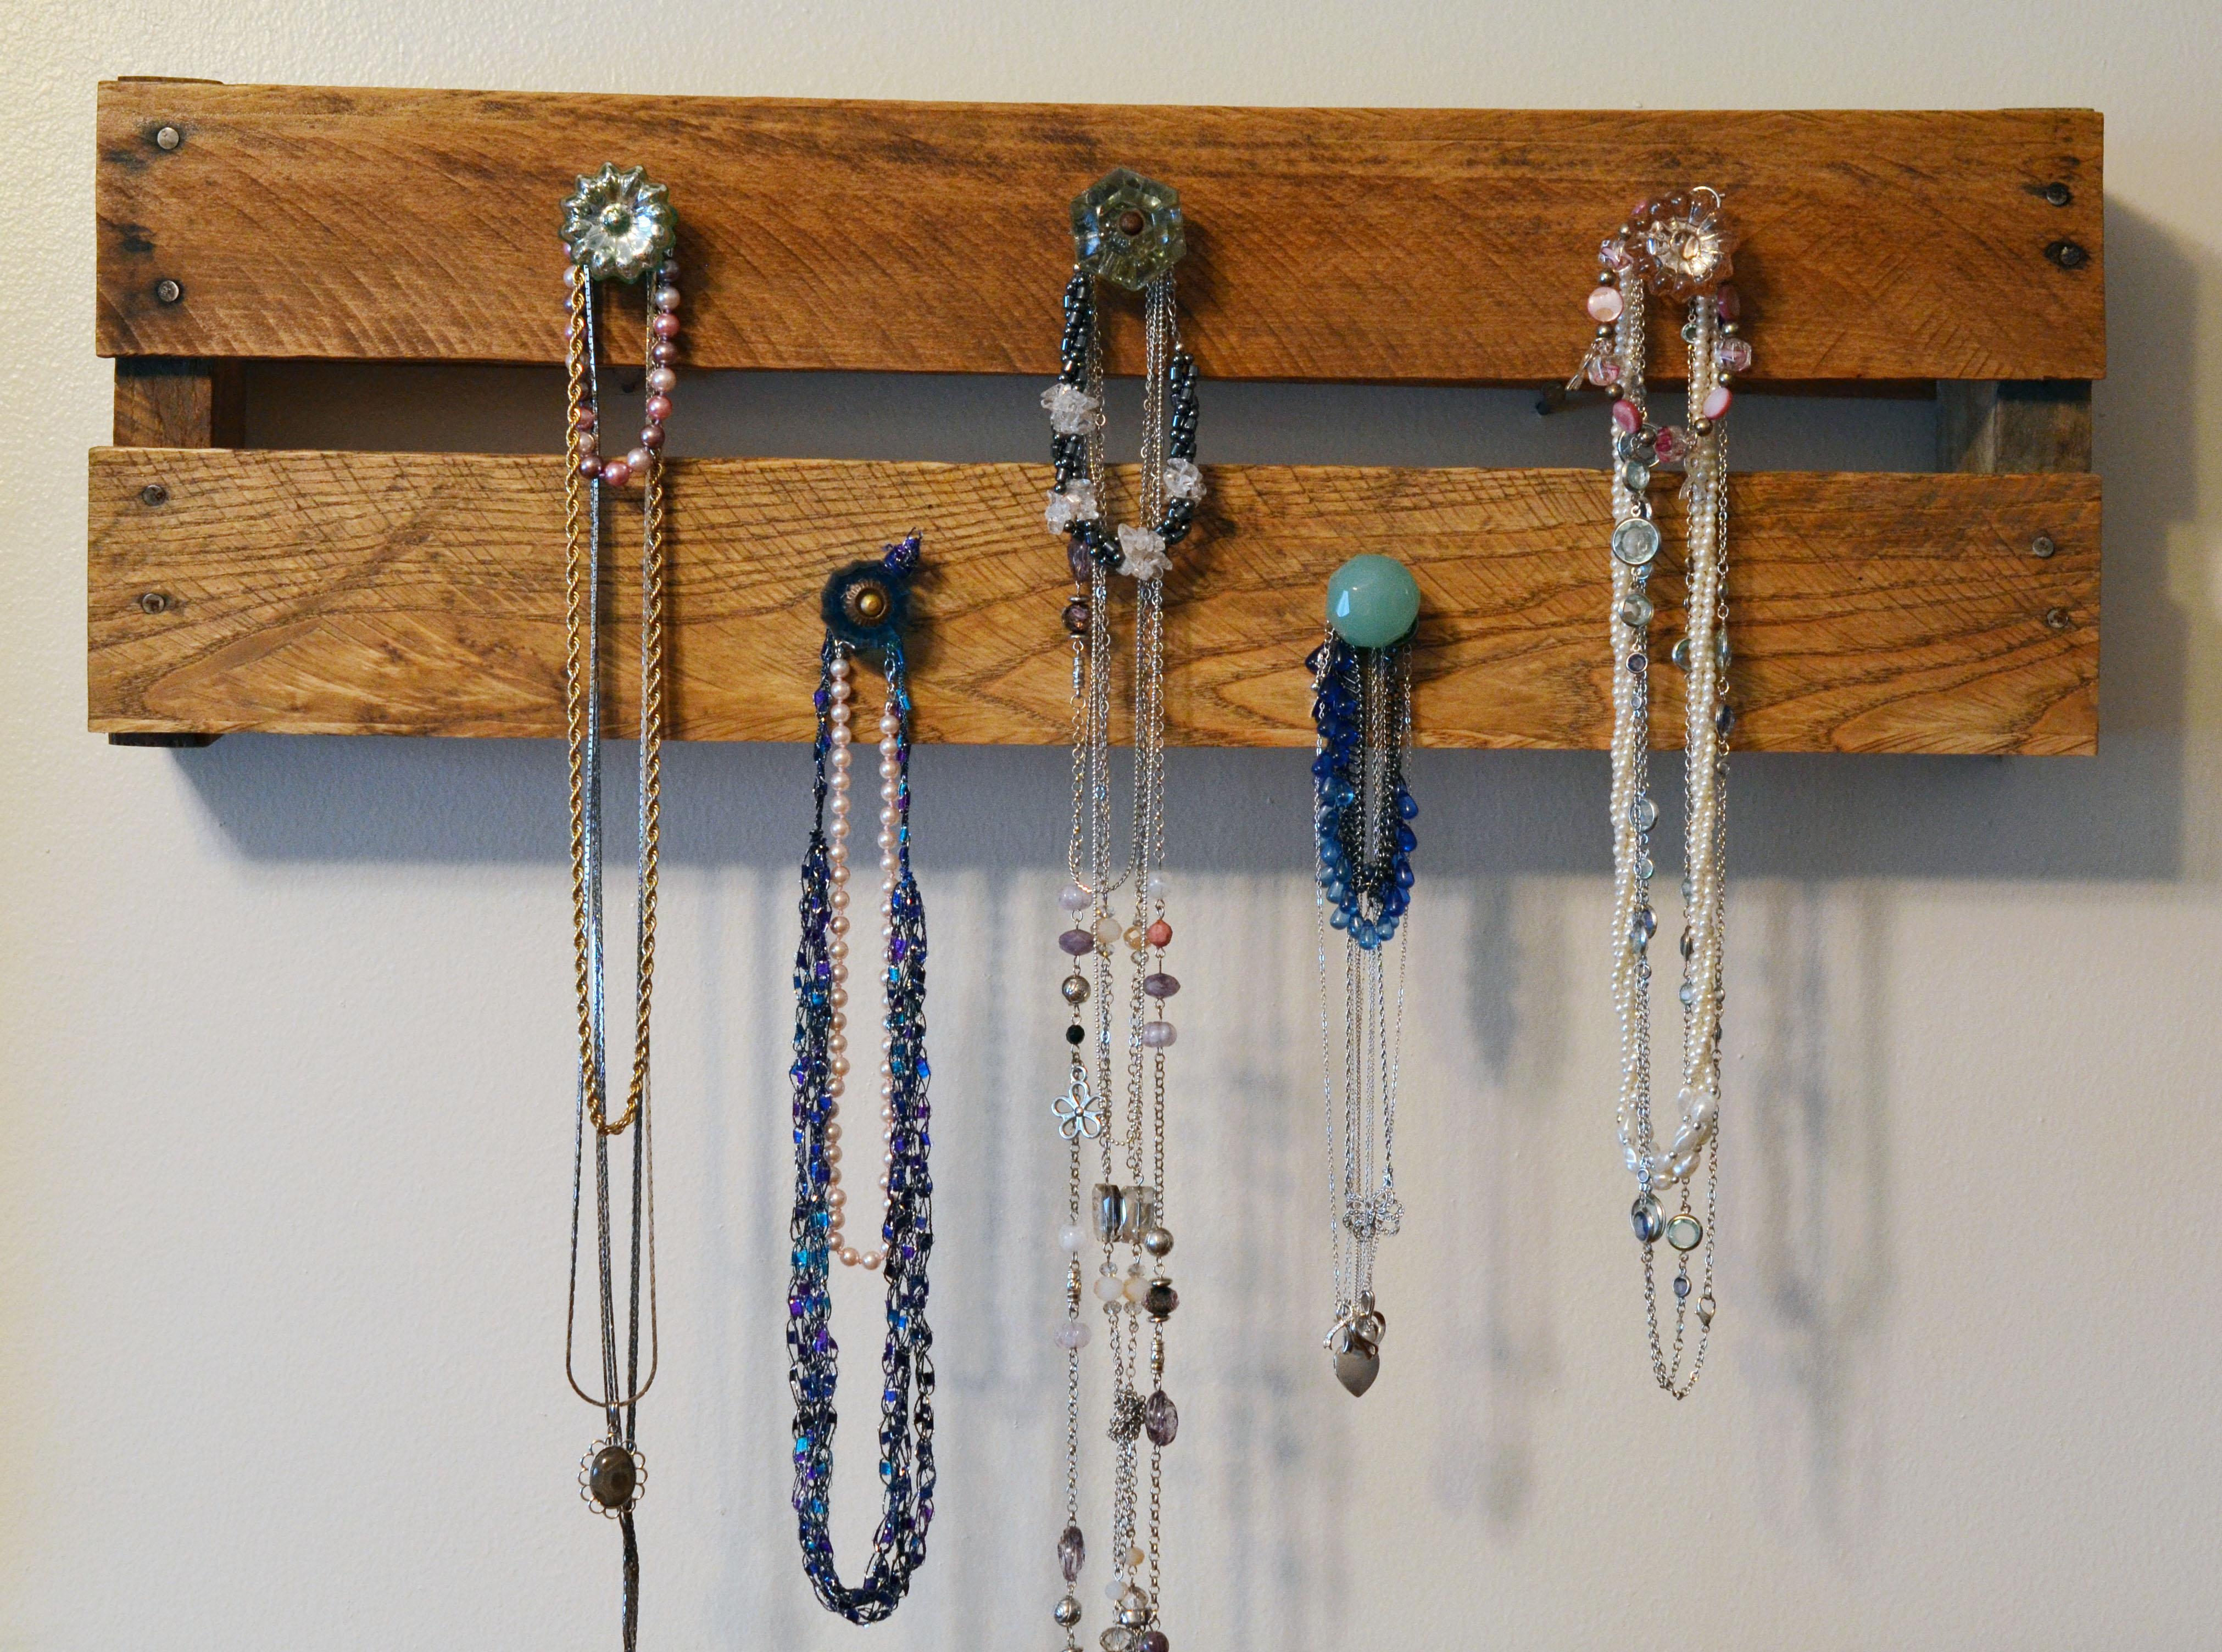 DIY Pallet Jewelry Hanger Razzling Dazzling